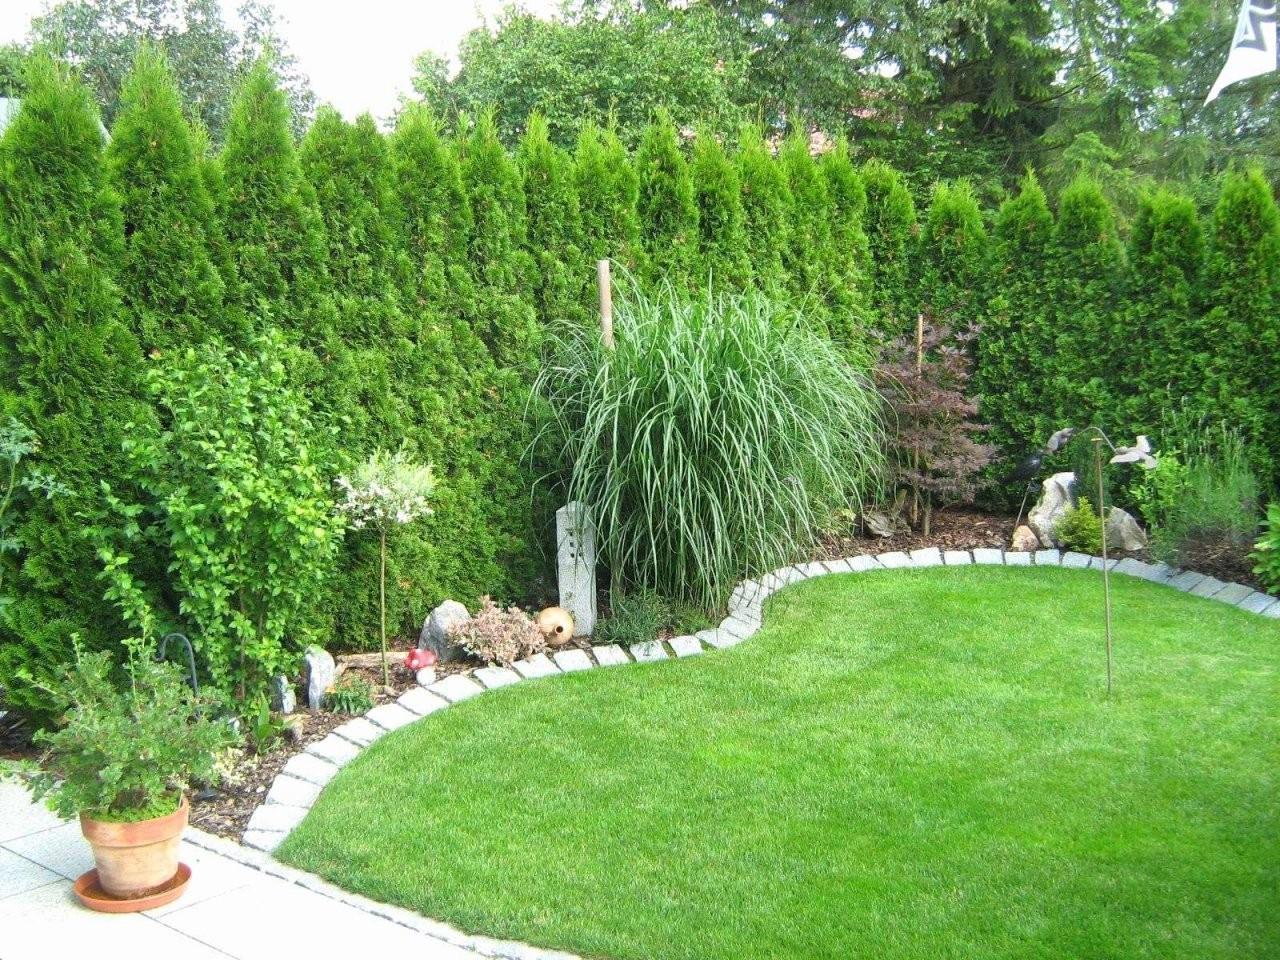 Kleine Sitzecke Garten Elegant Kleiner Garten Gestalten Ideen Schön von Kleine Sitzecke Im Garten Photo